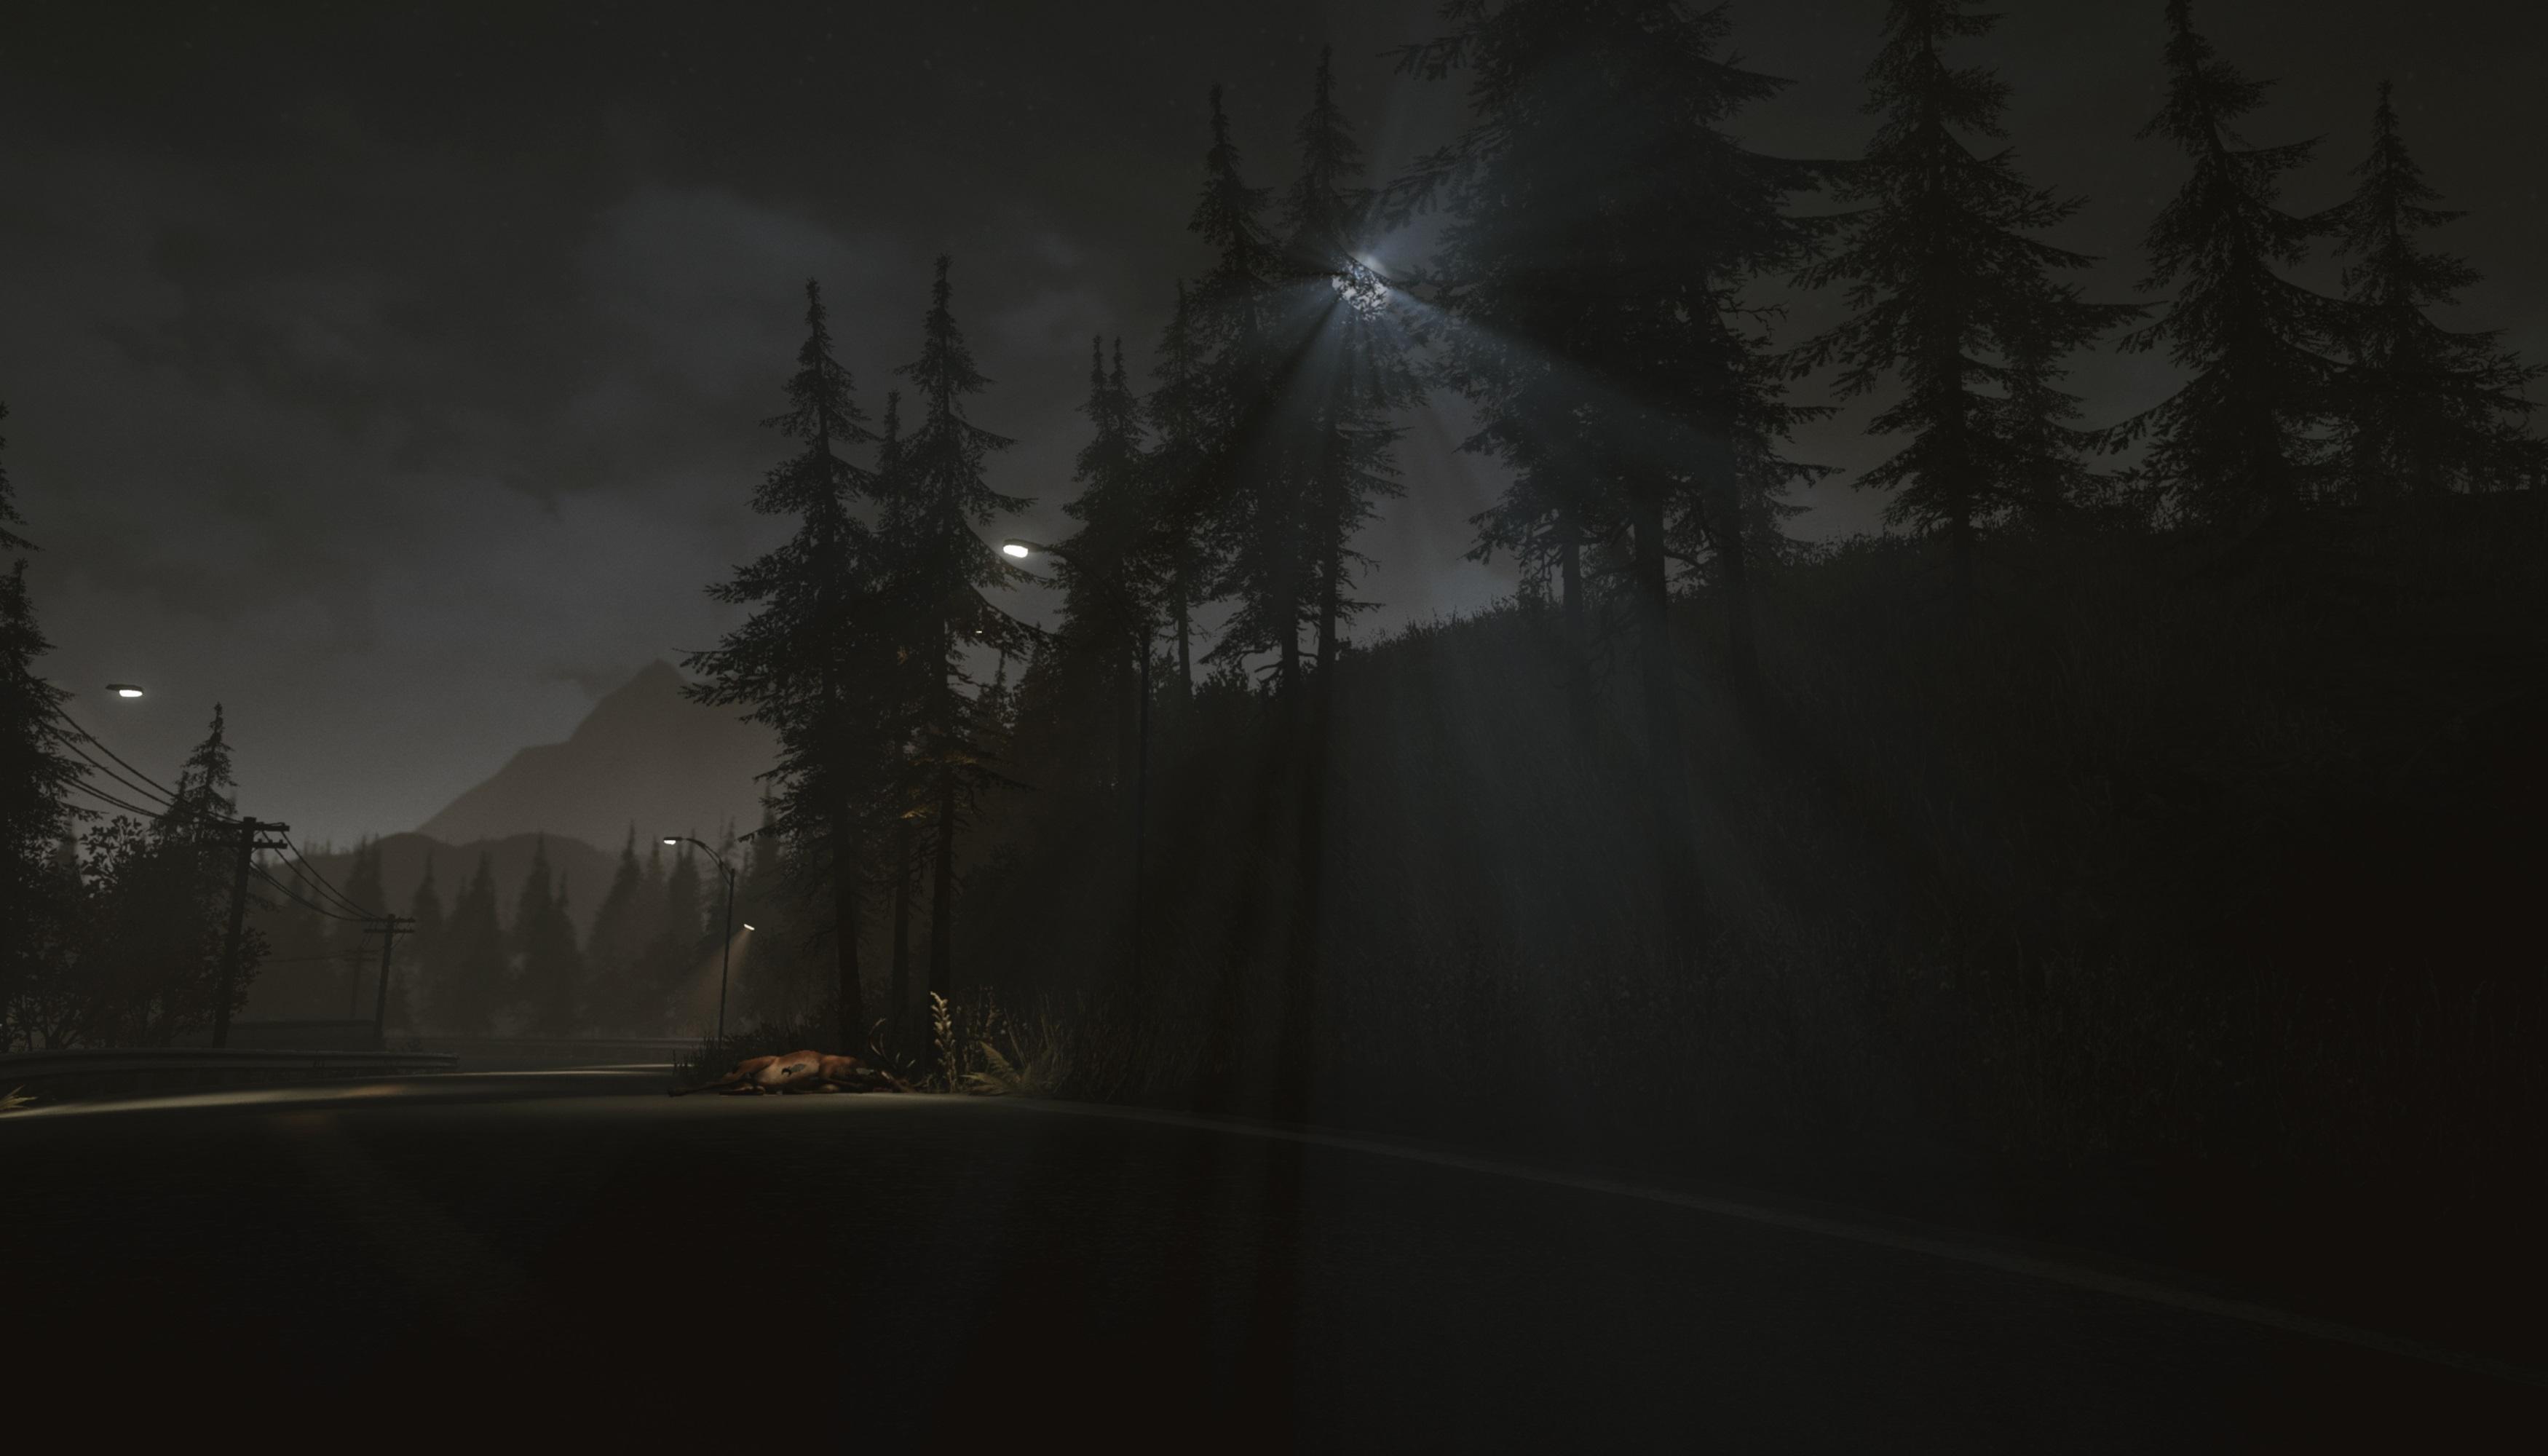 Kholat developer announces Husk; inspired by Silent Hill, Alan Wake